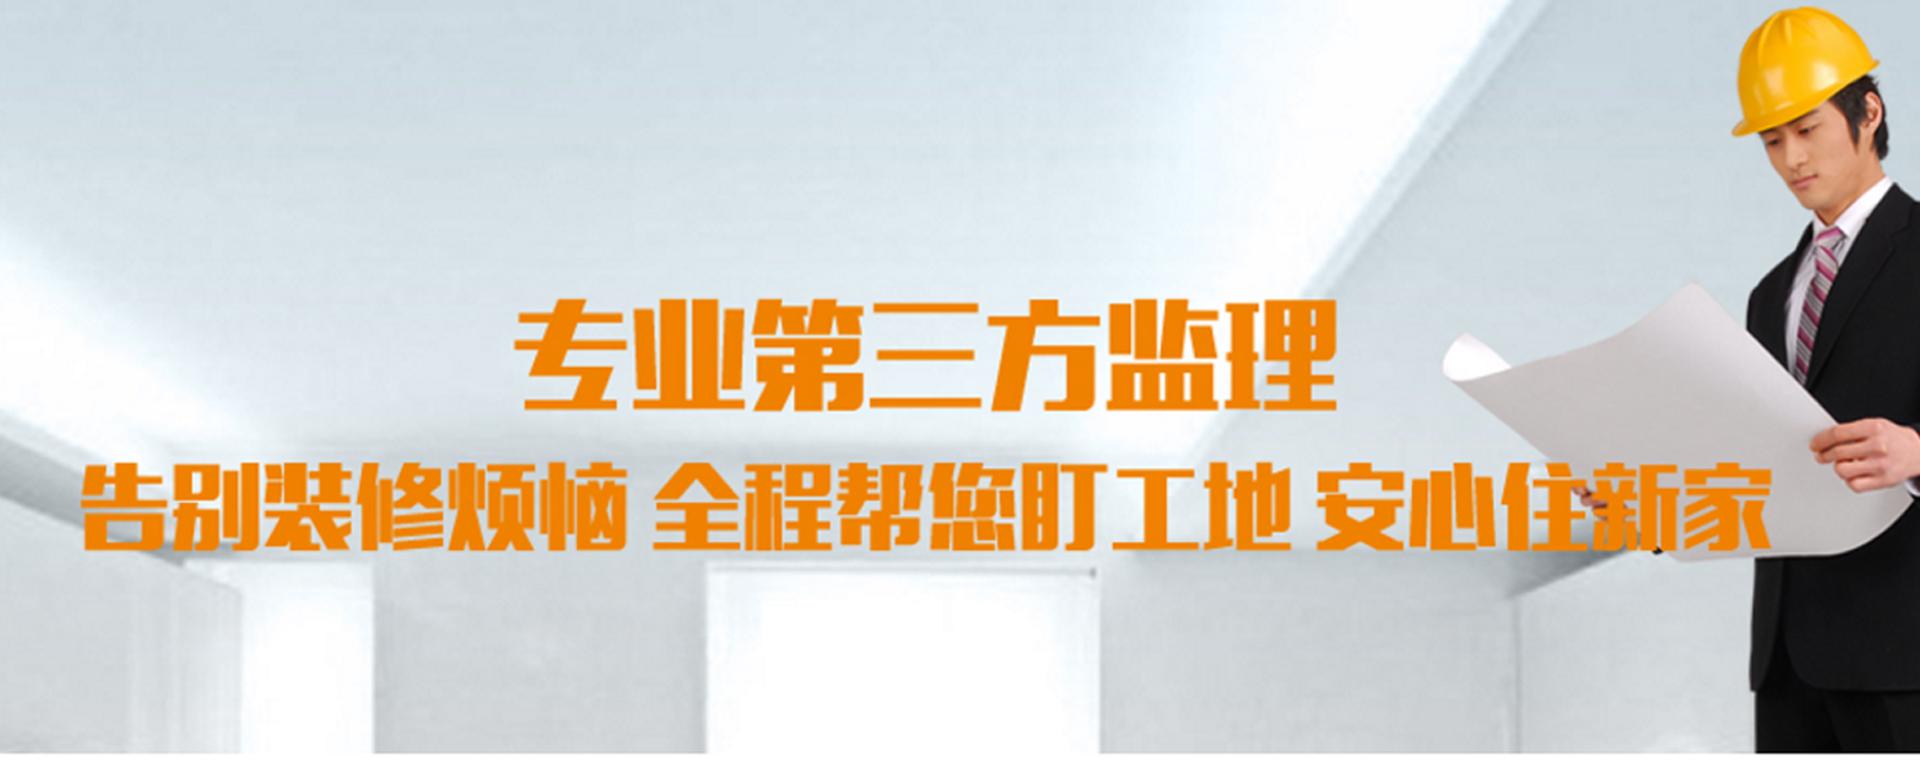 业之峰第三方检查工程_01.jpg